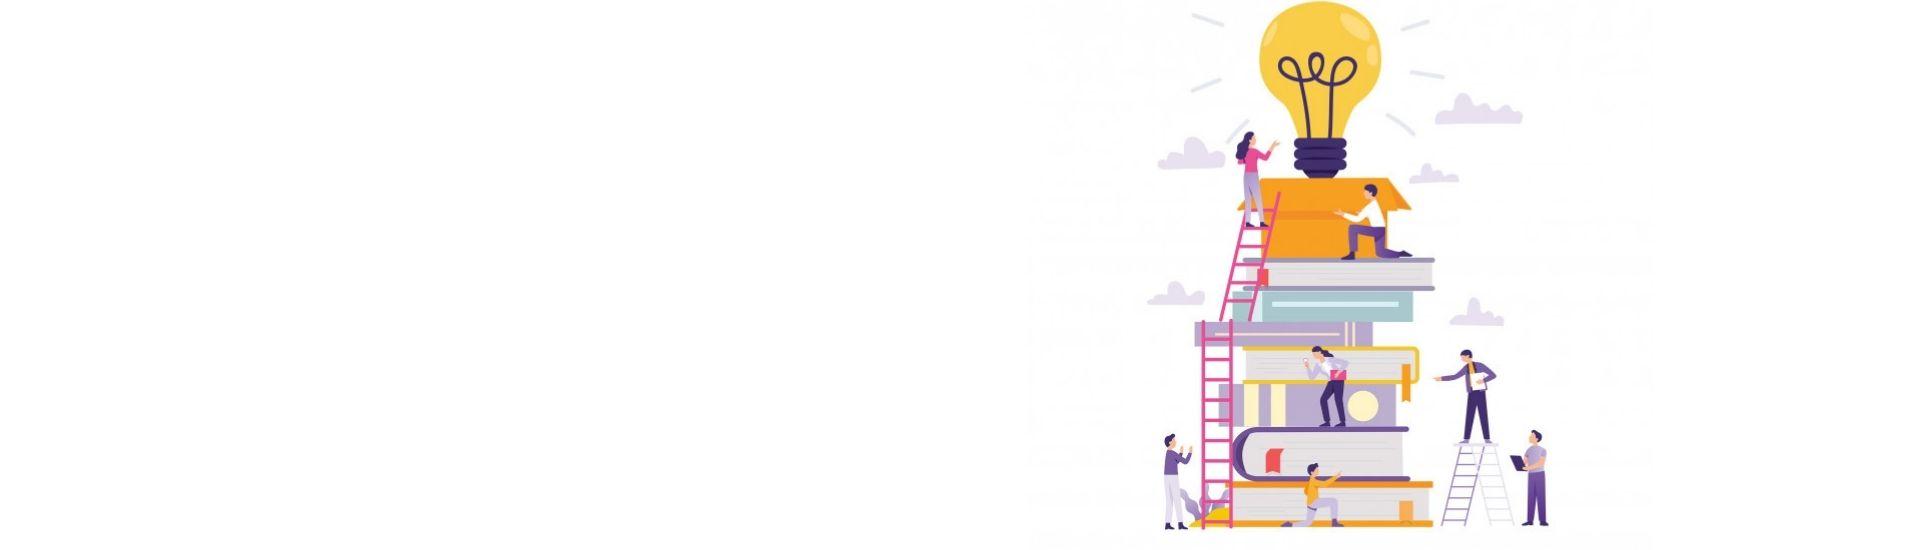 Una ilustración de libros apilados con personas escalando sobre ellos, descubriéndose a mi mismos